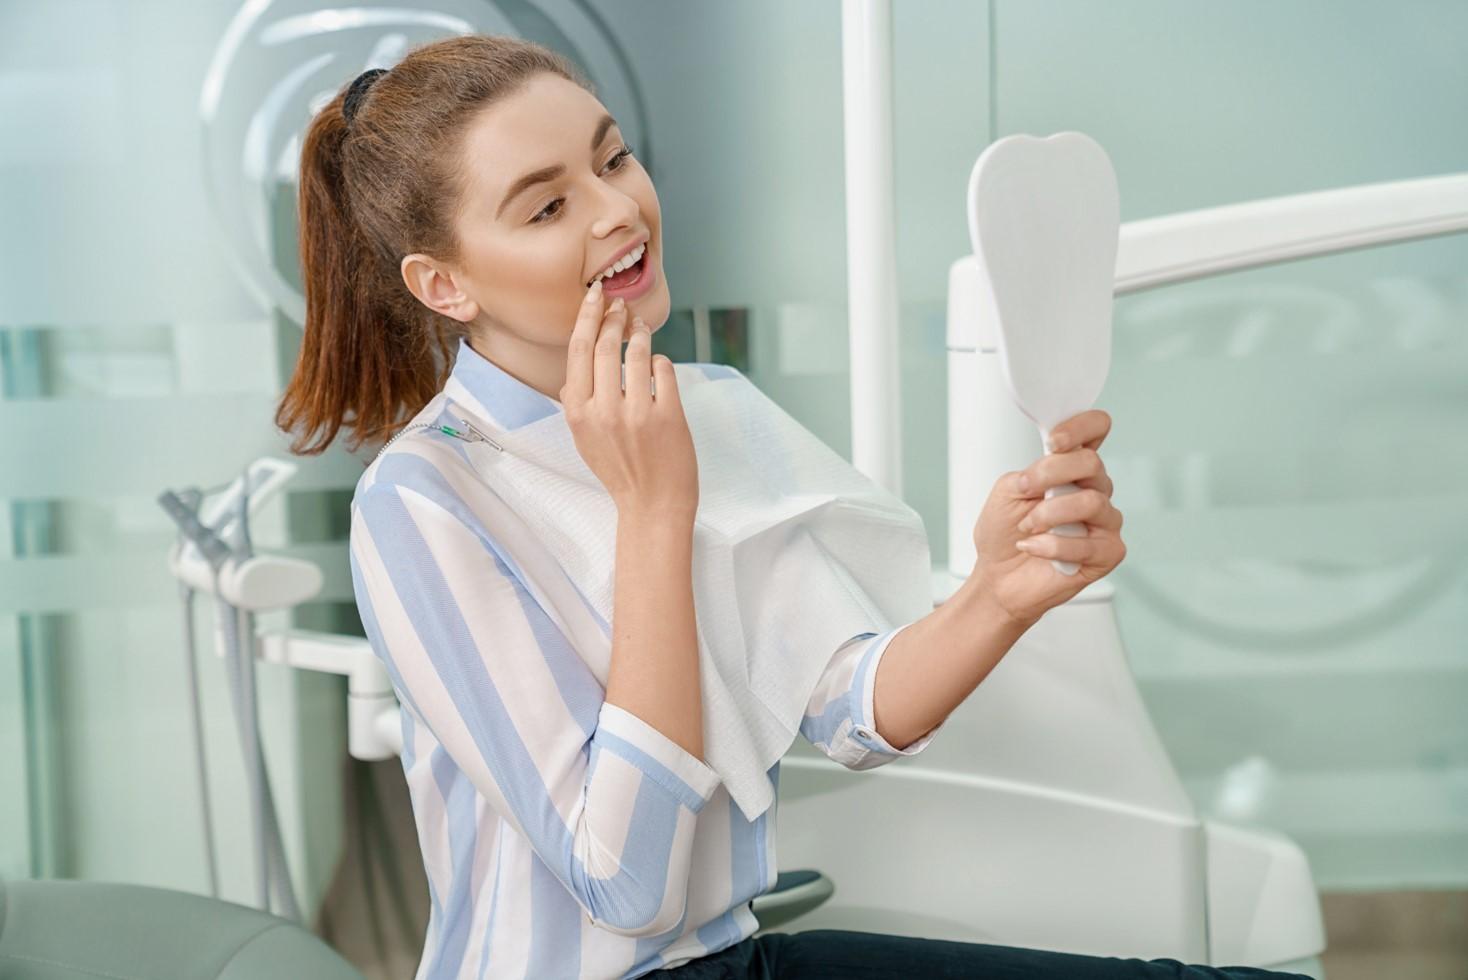 9 Ενδείξεις που μας υποδεικνύουν ότι πρέπει να επισκεφθούμε την οδοντίατρο